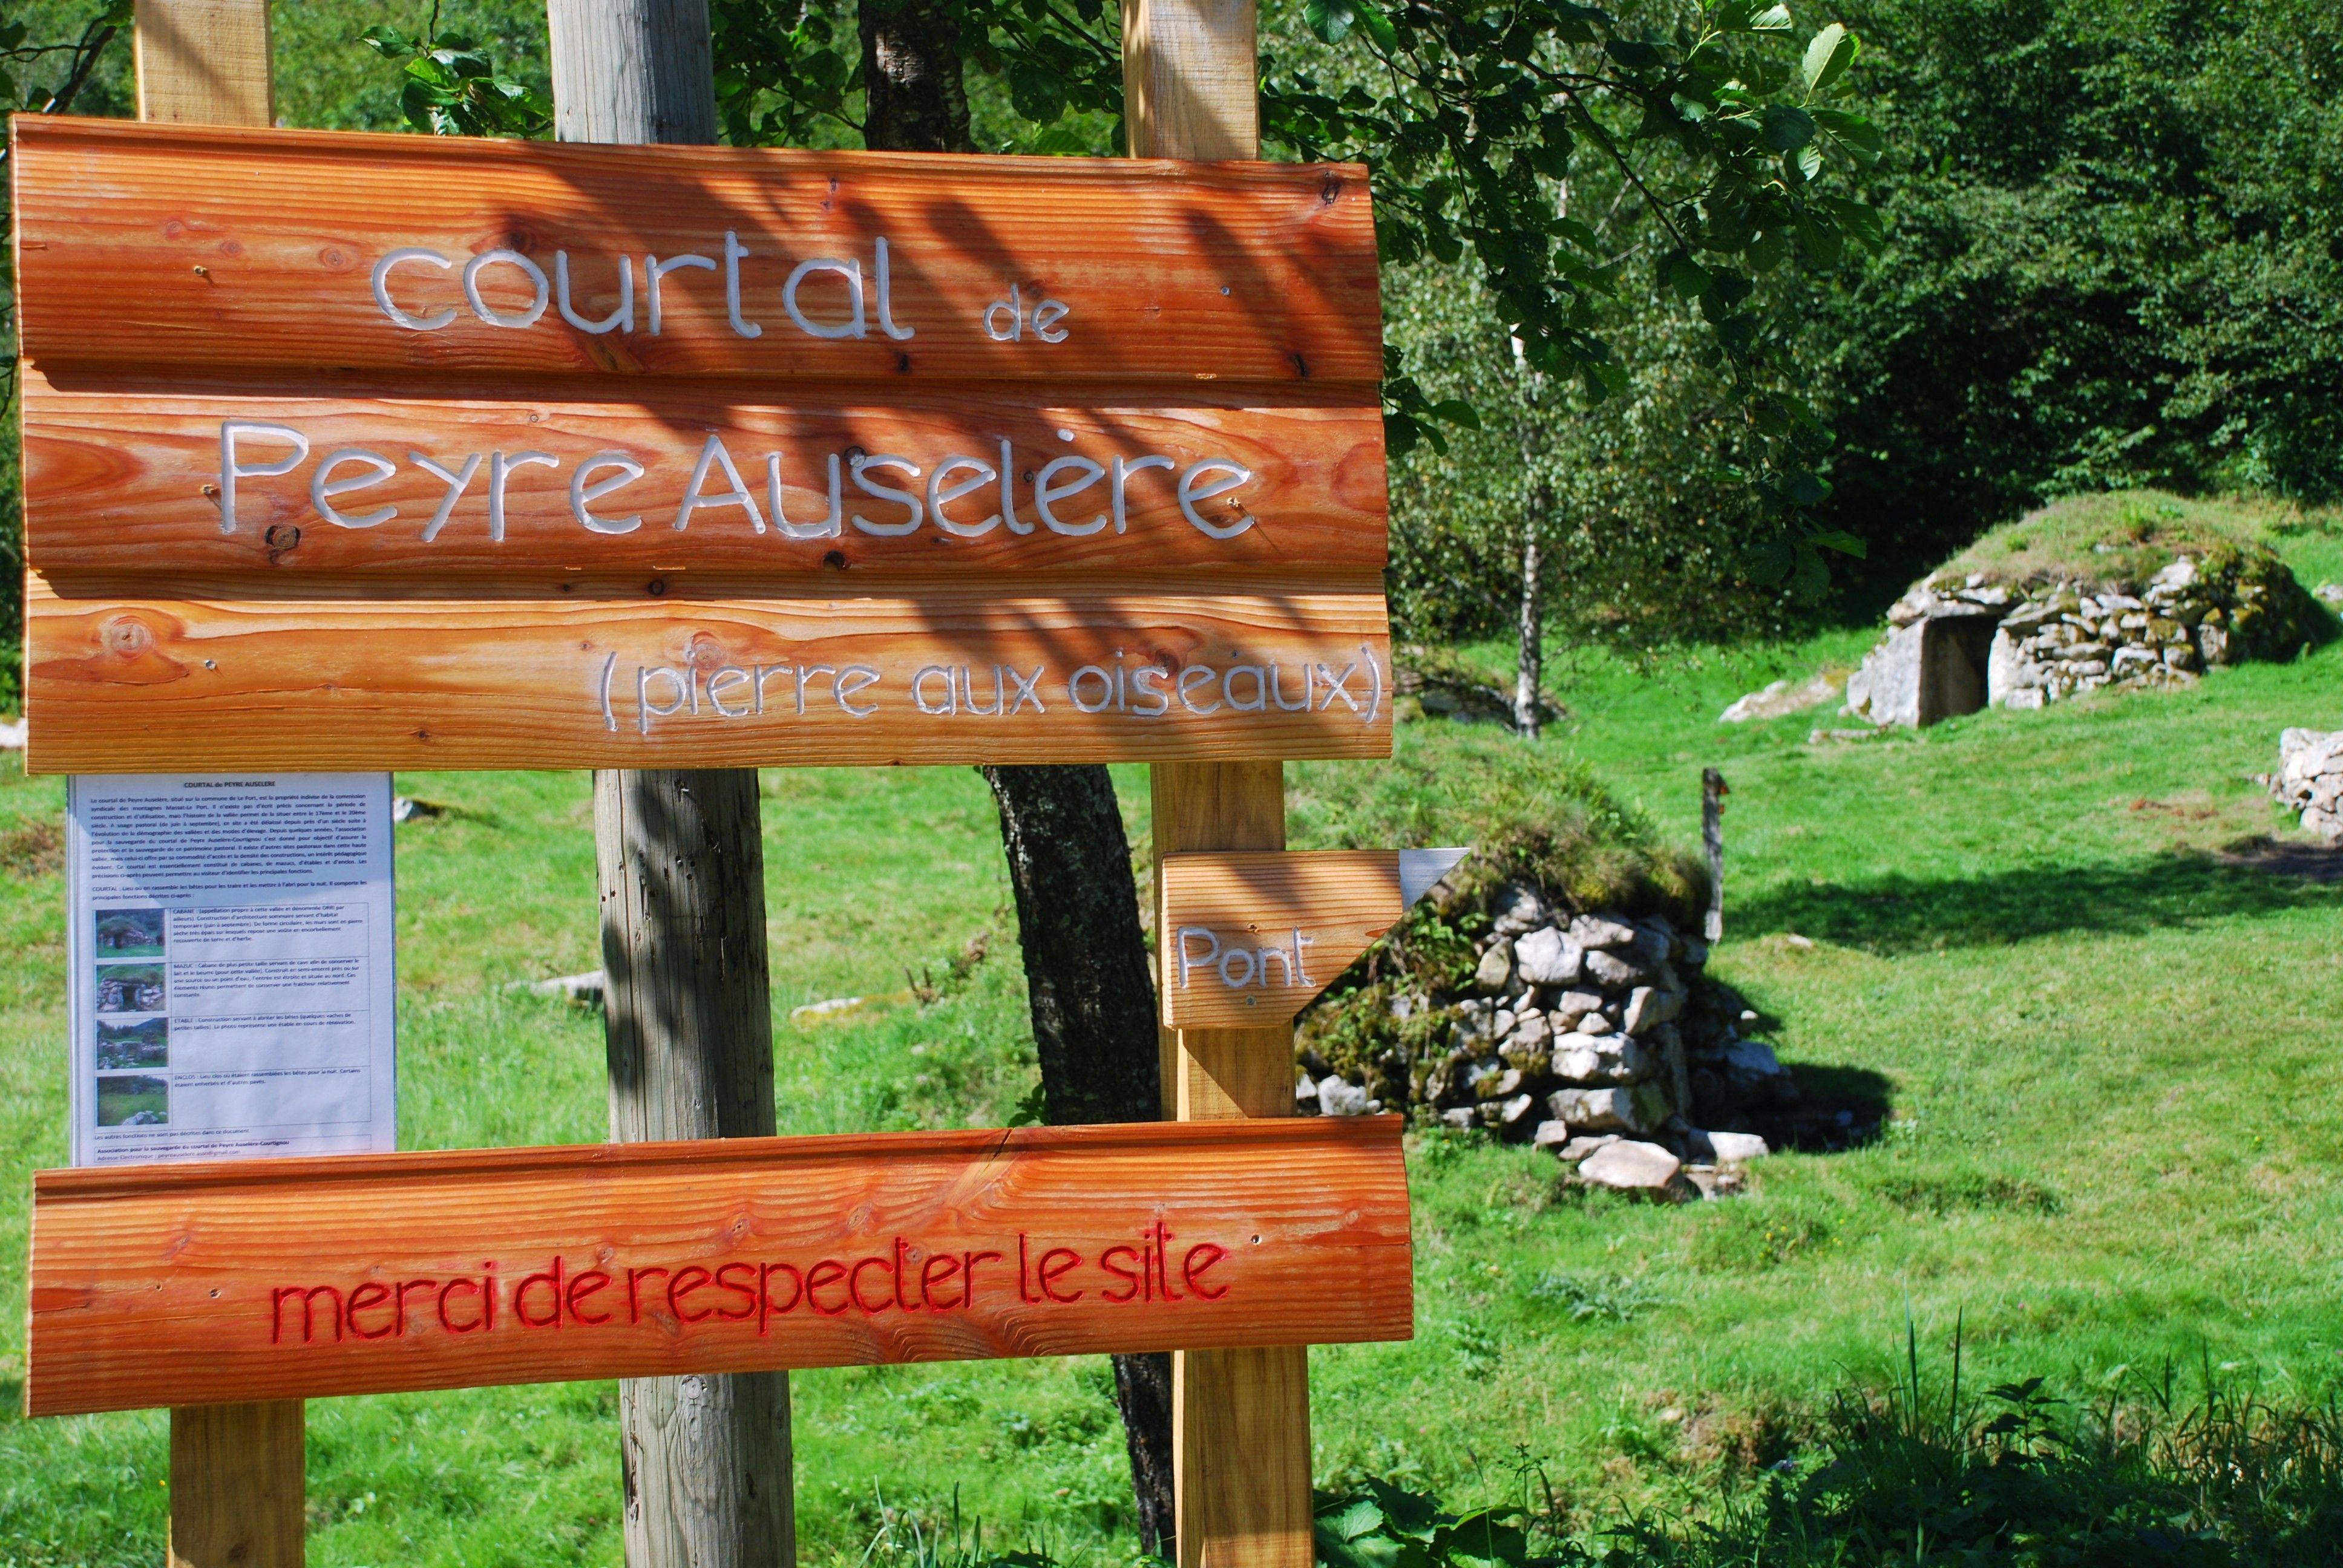 Courtal de Peyre Auselère dans l'Ariège